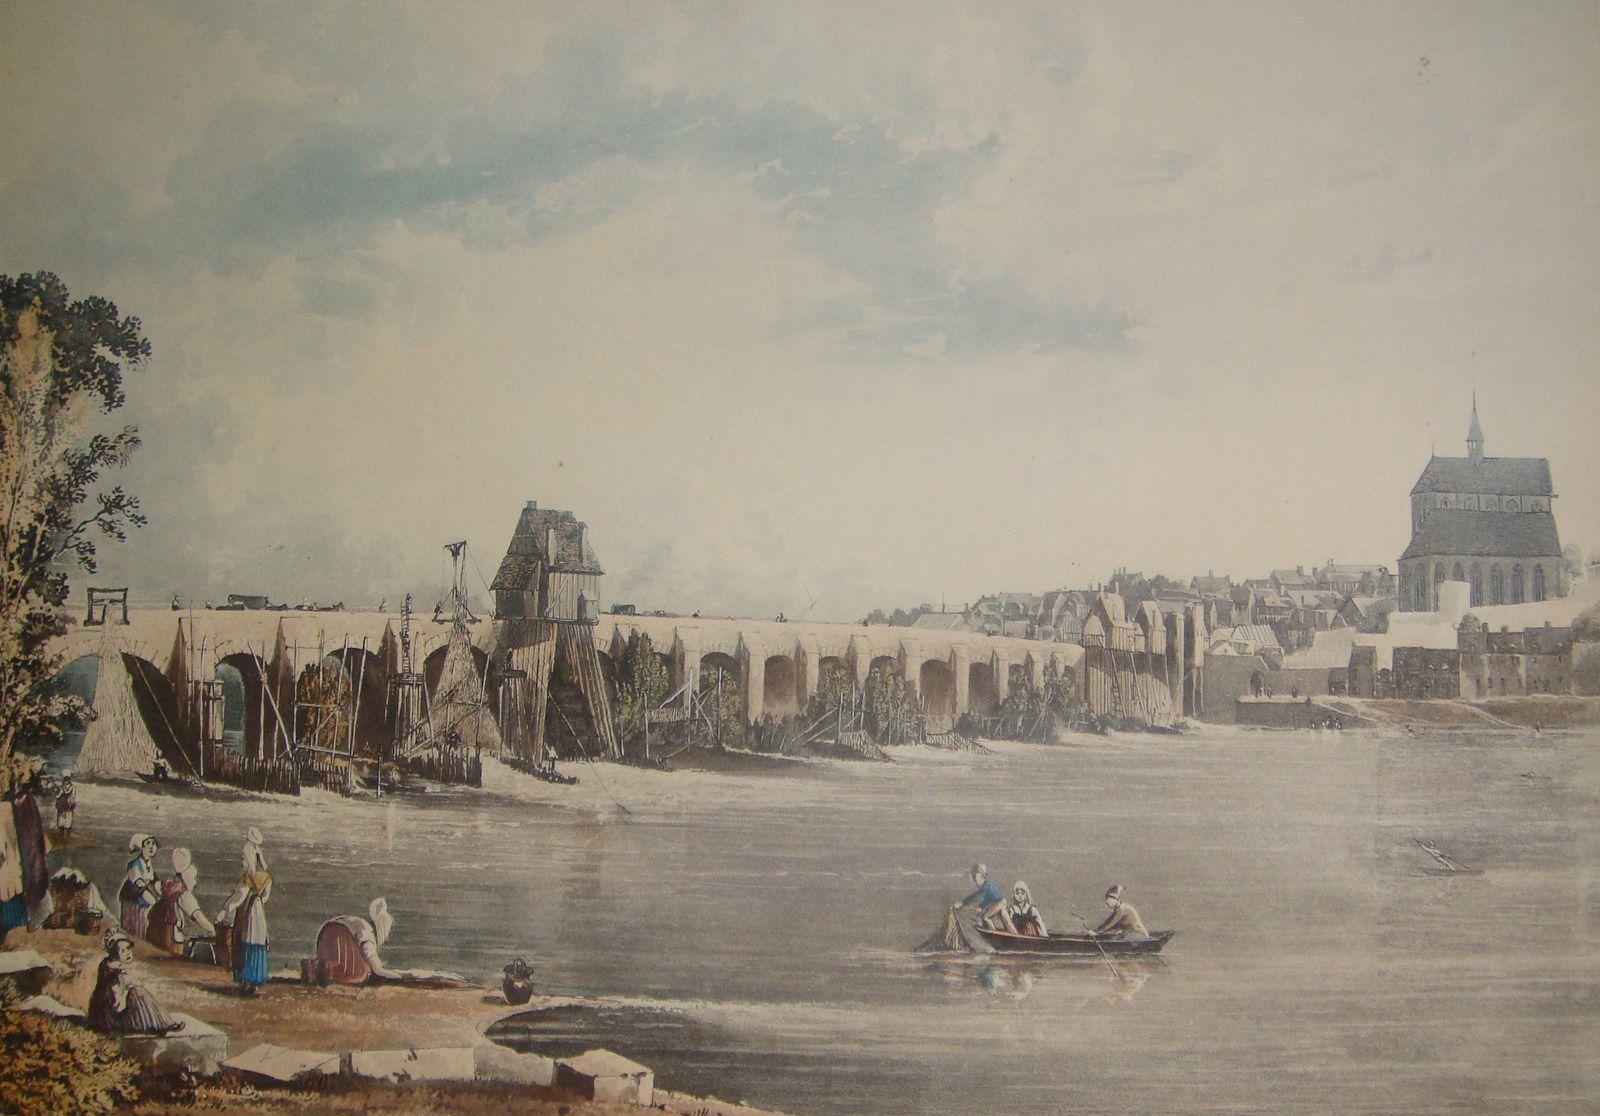 Les lavandières à Pont-de-l'Arche : balade en images autour d'un labeur révolu.